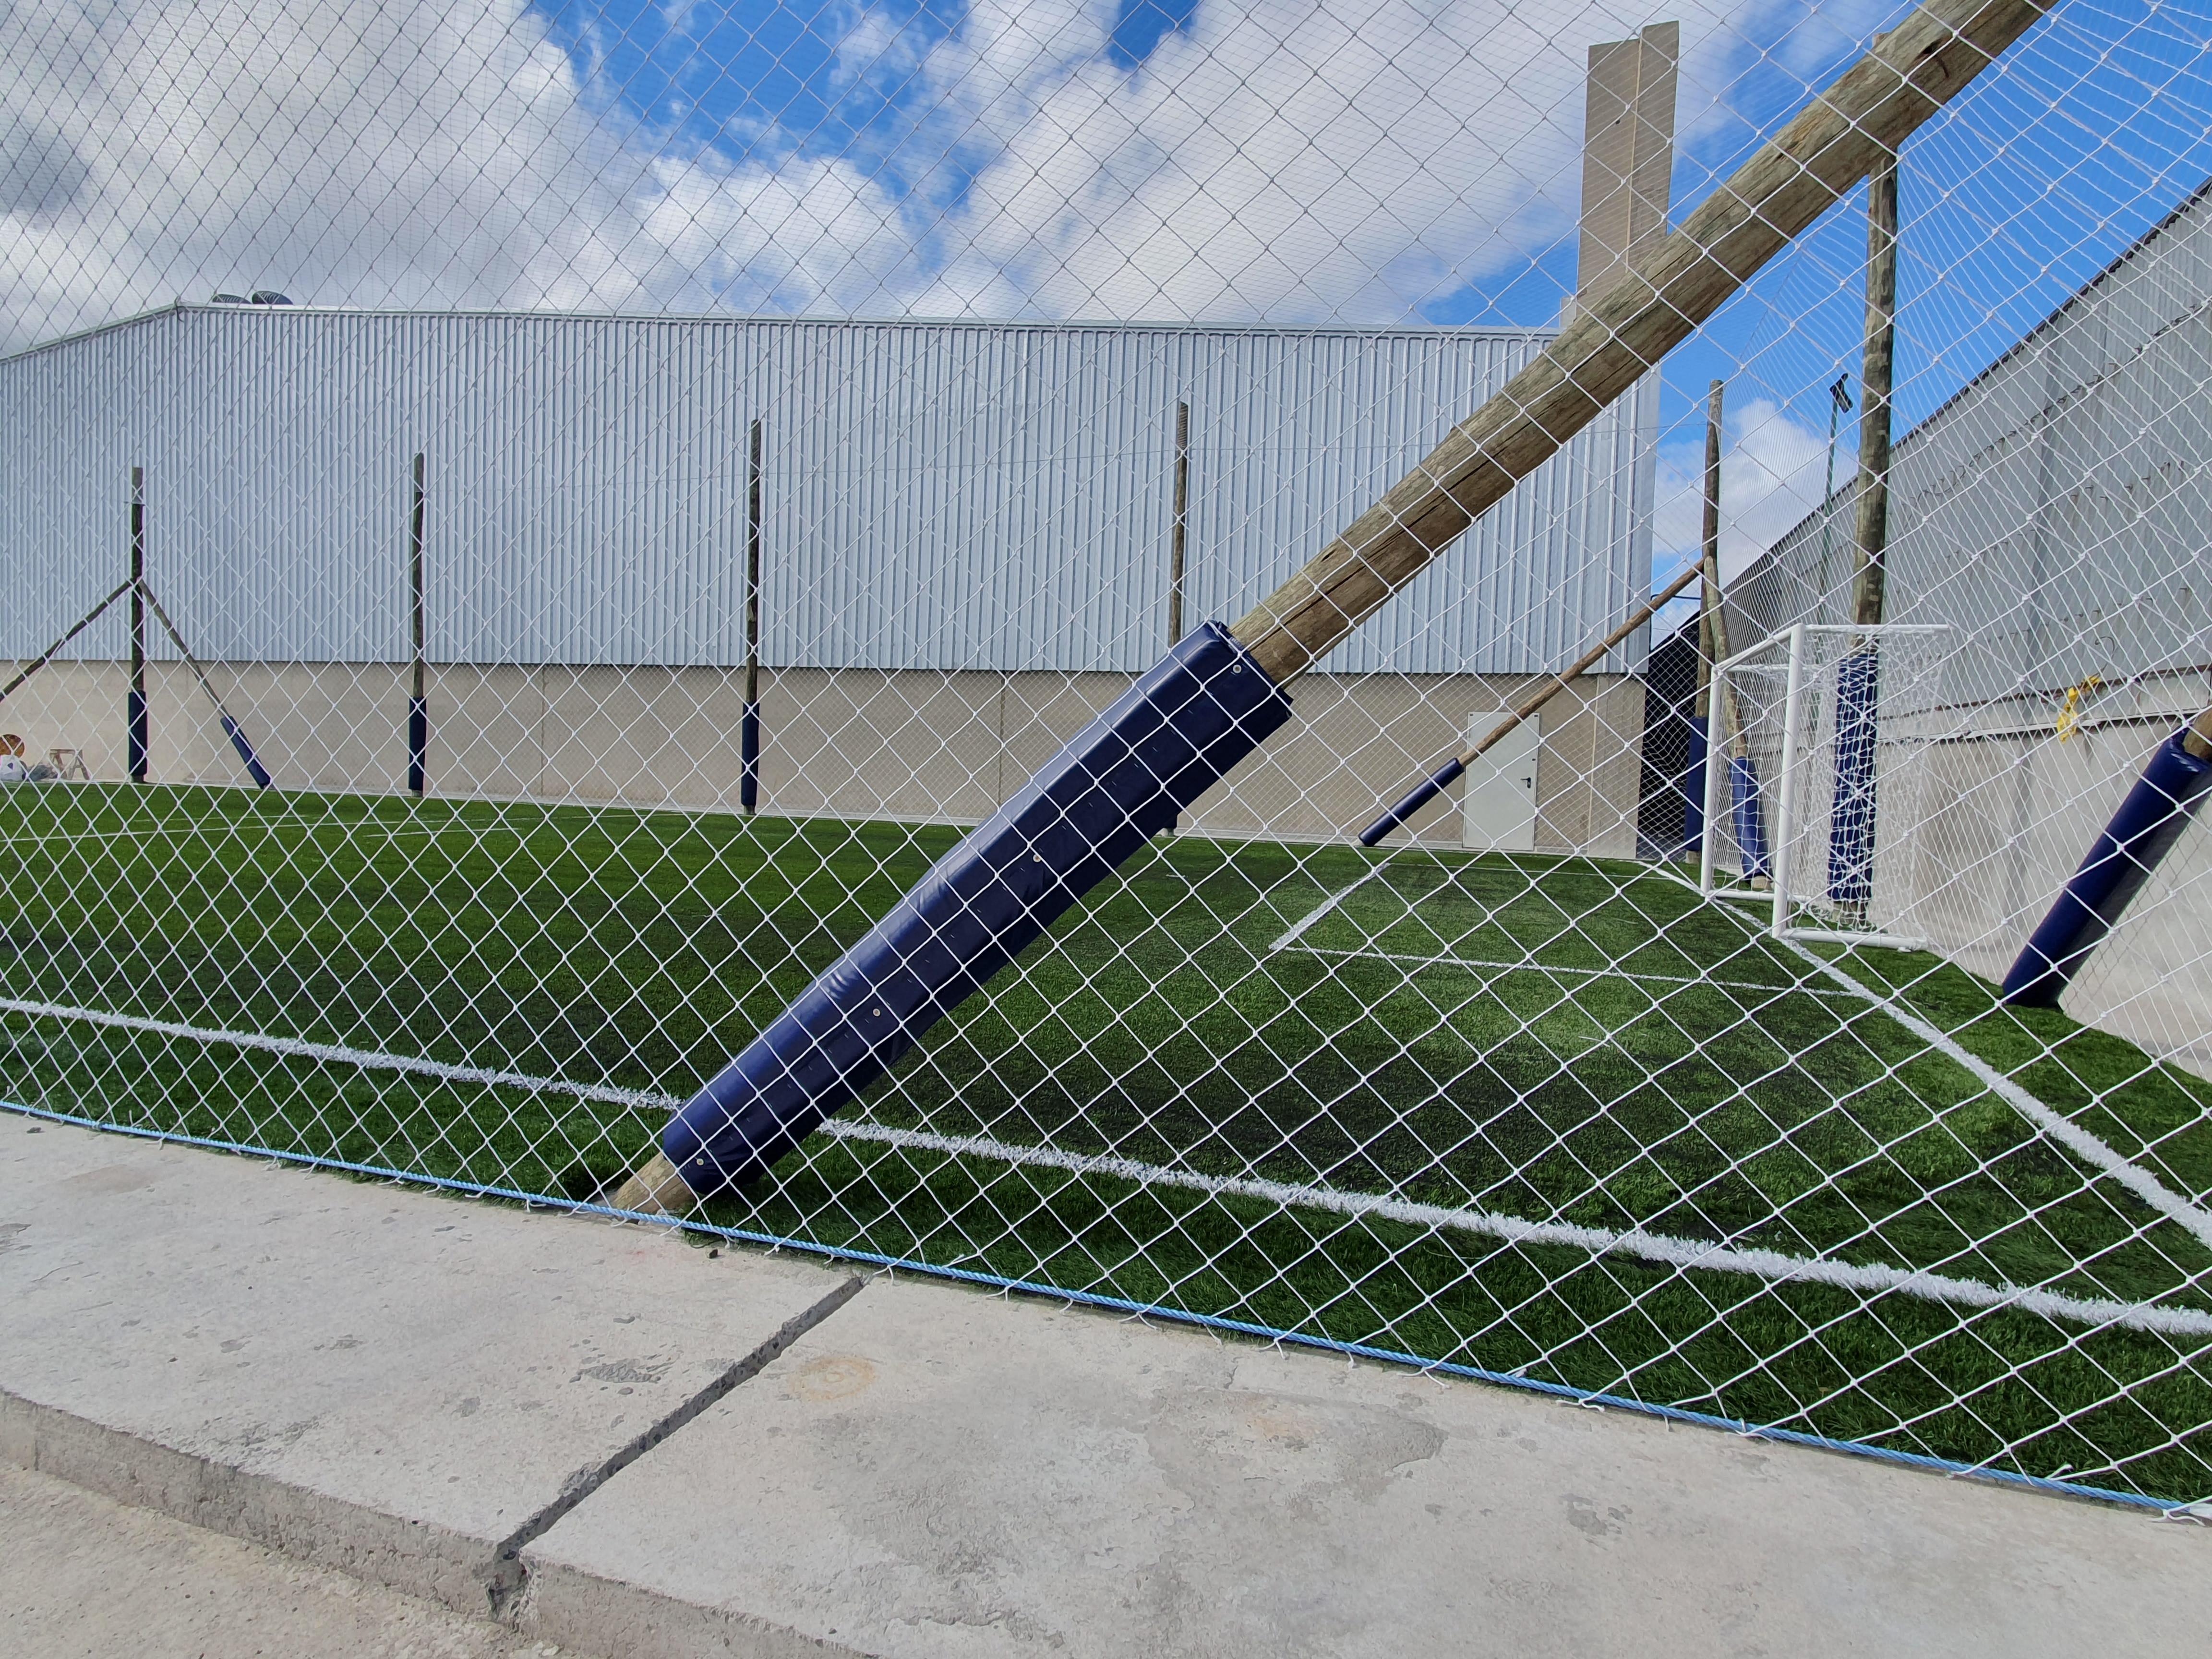 Cancha fútbol 5 Grupo Macció